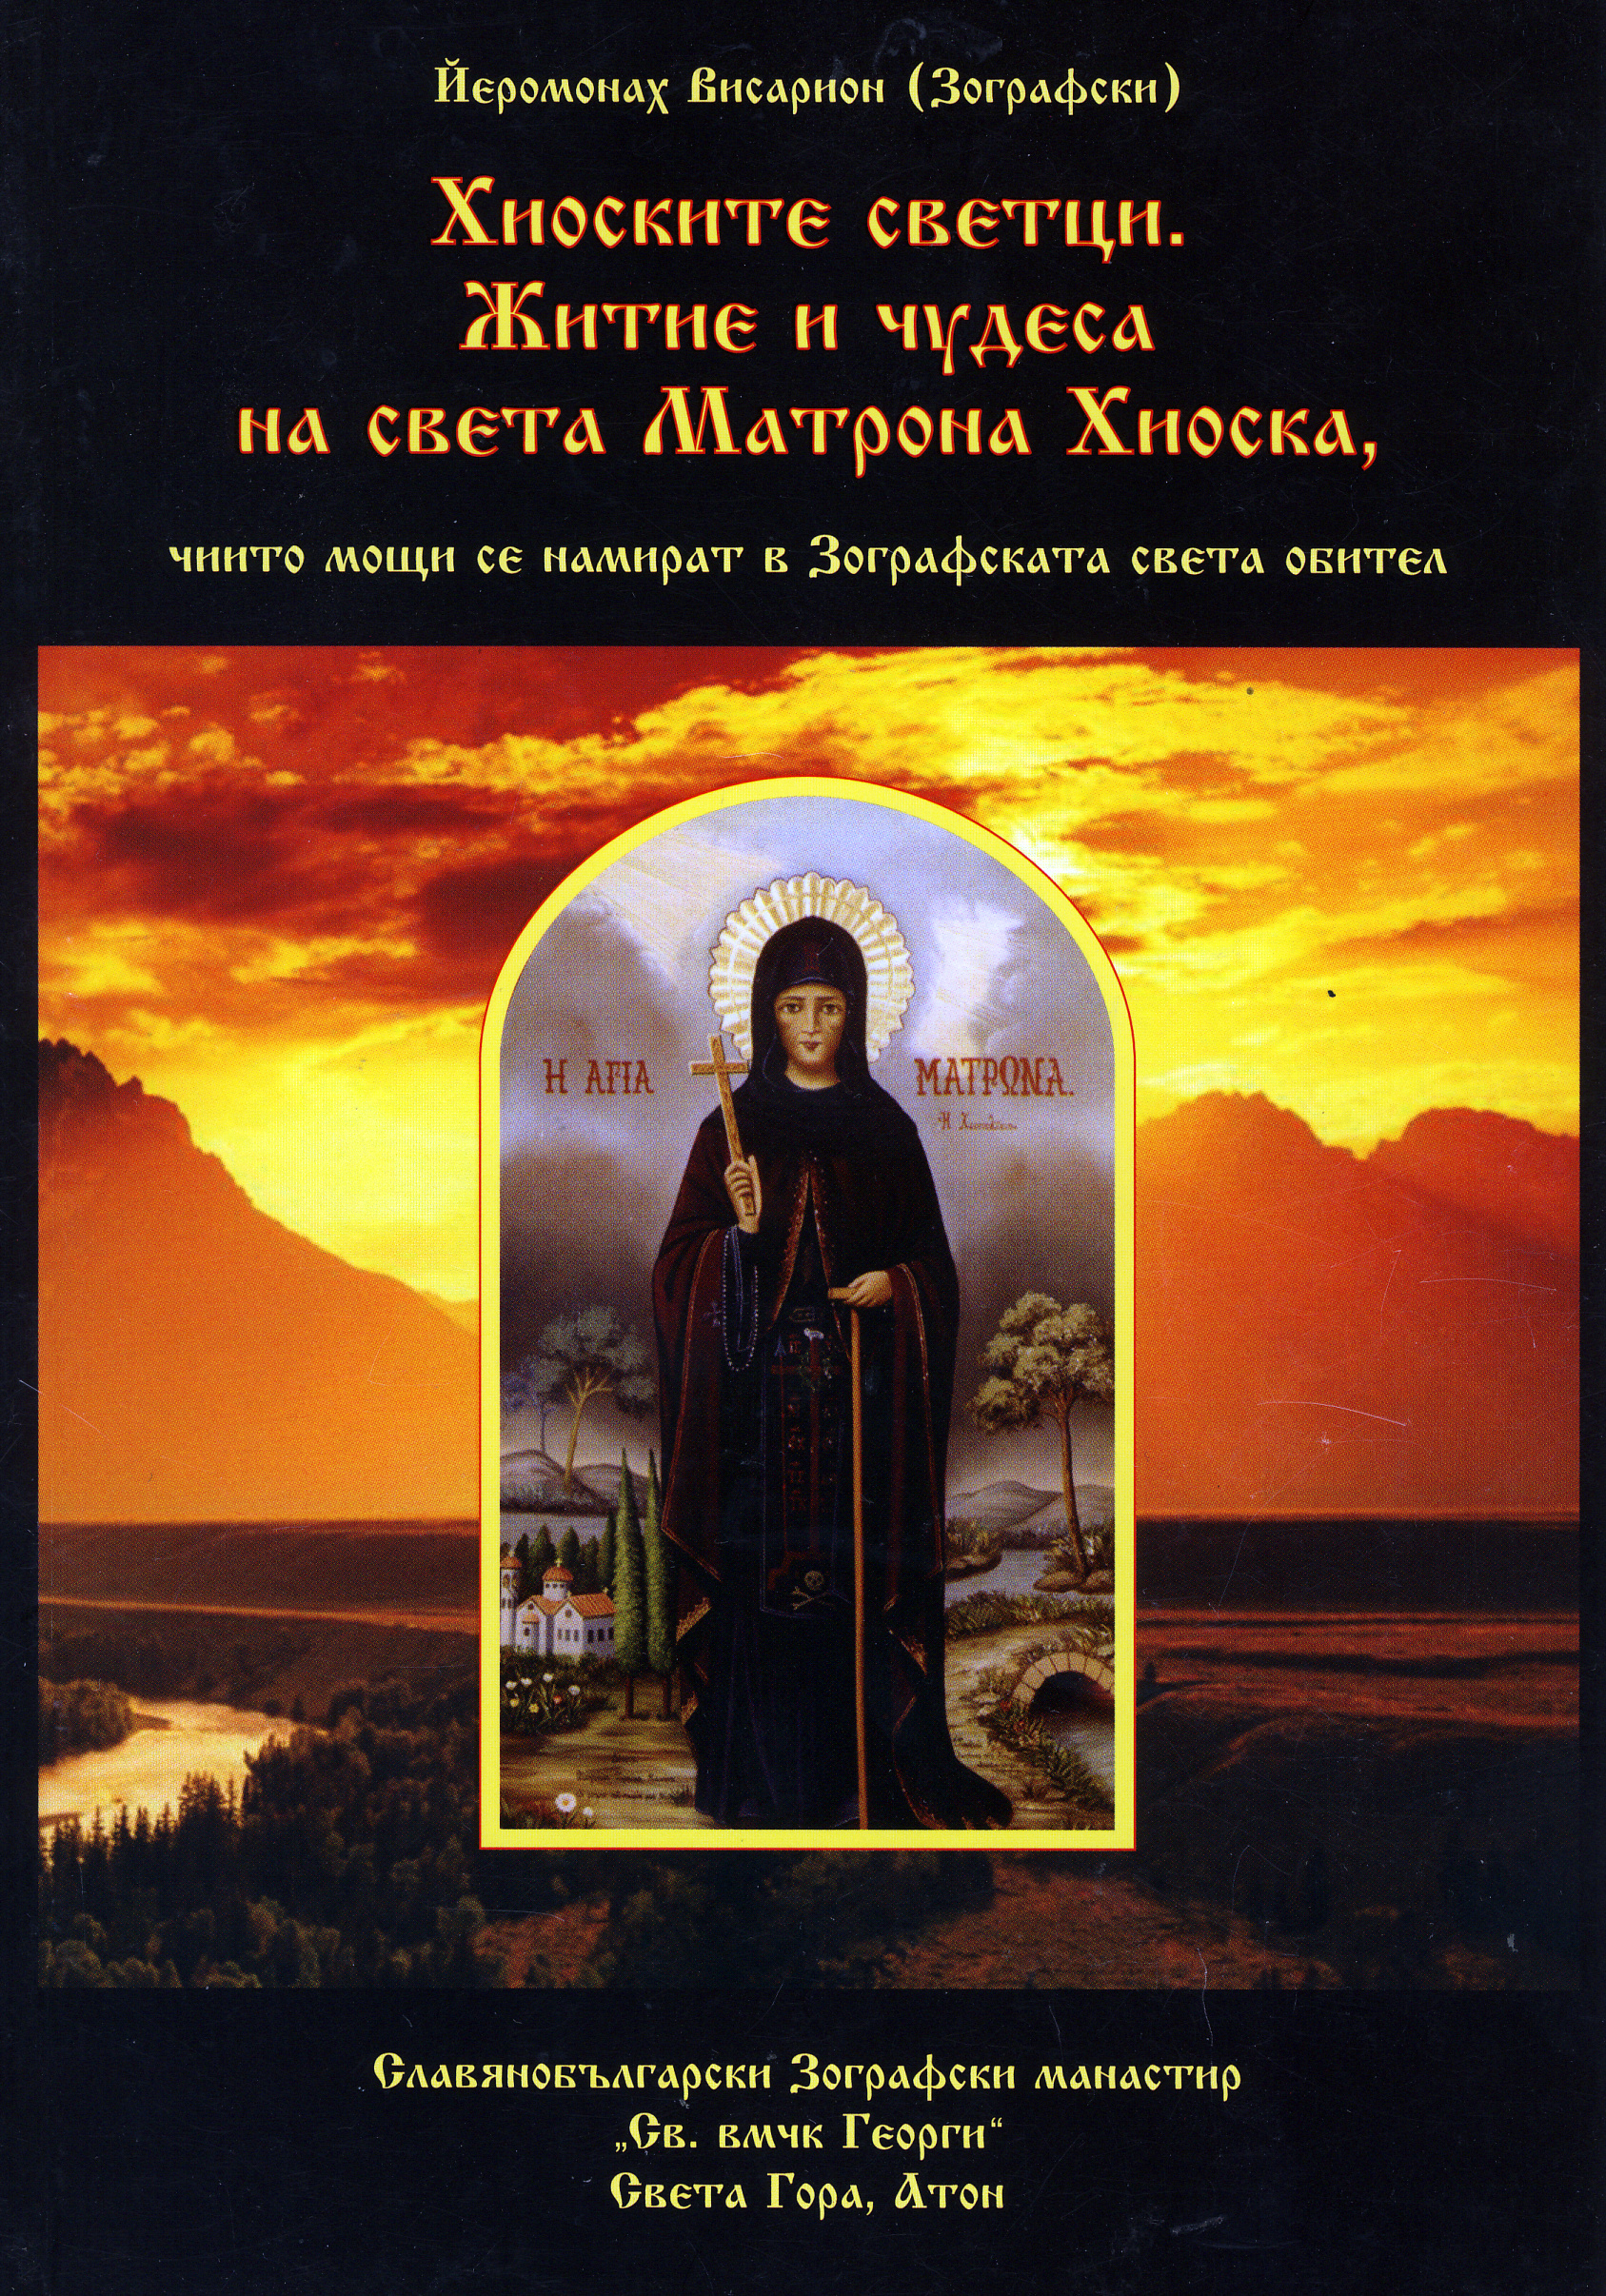 Хиоските светци. Житие и чудеса на Матрона Хиоска, чиито мощи се намират в Зографската света обител